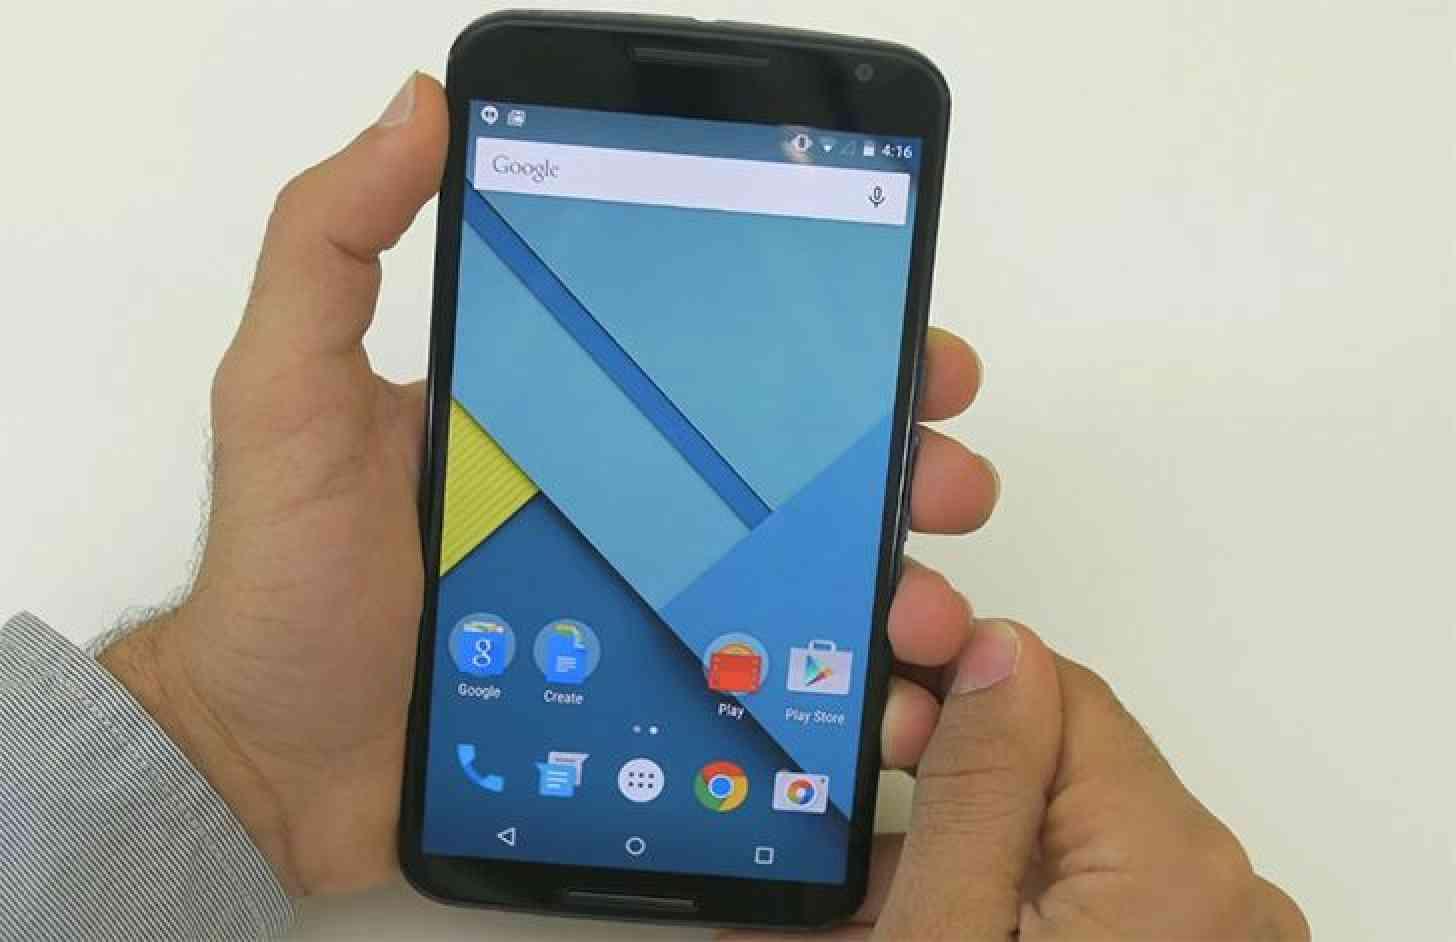 Google Nexus 6 hands on